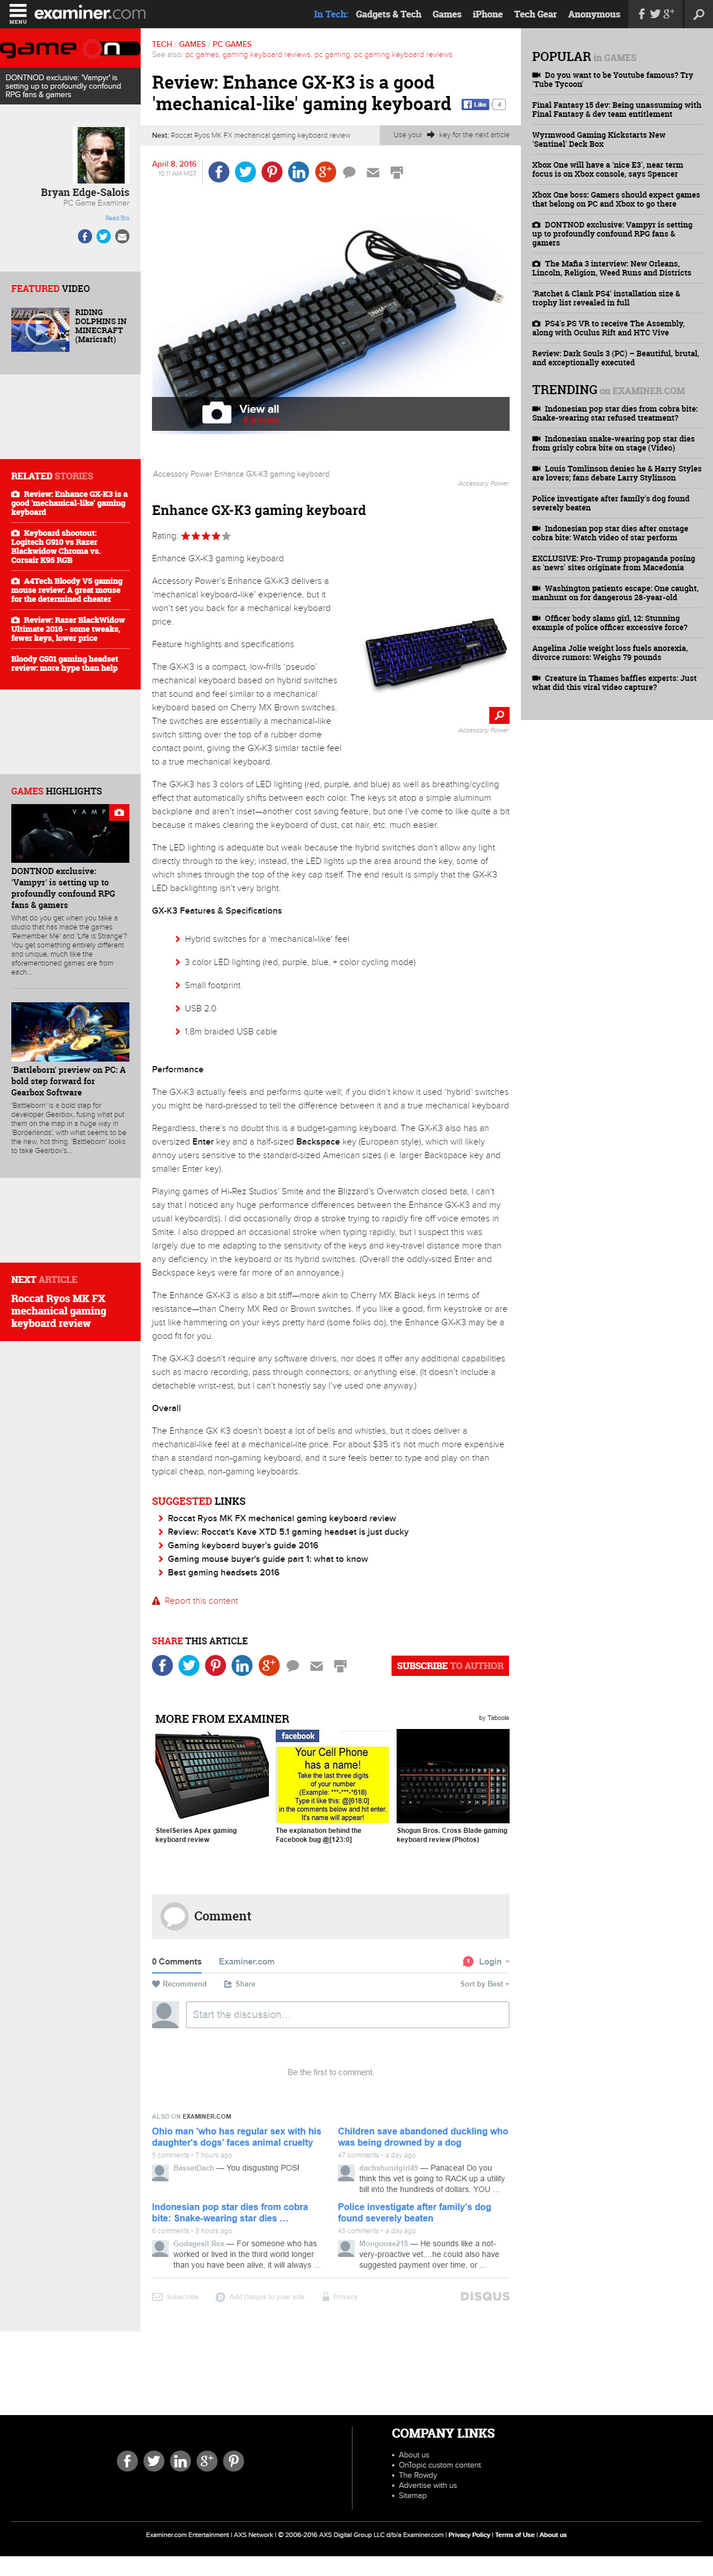 Examiner.com review of ENHANCE GX-K3